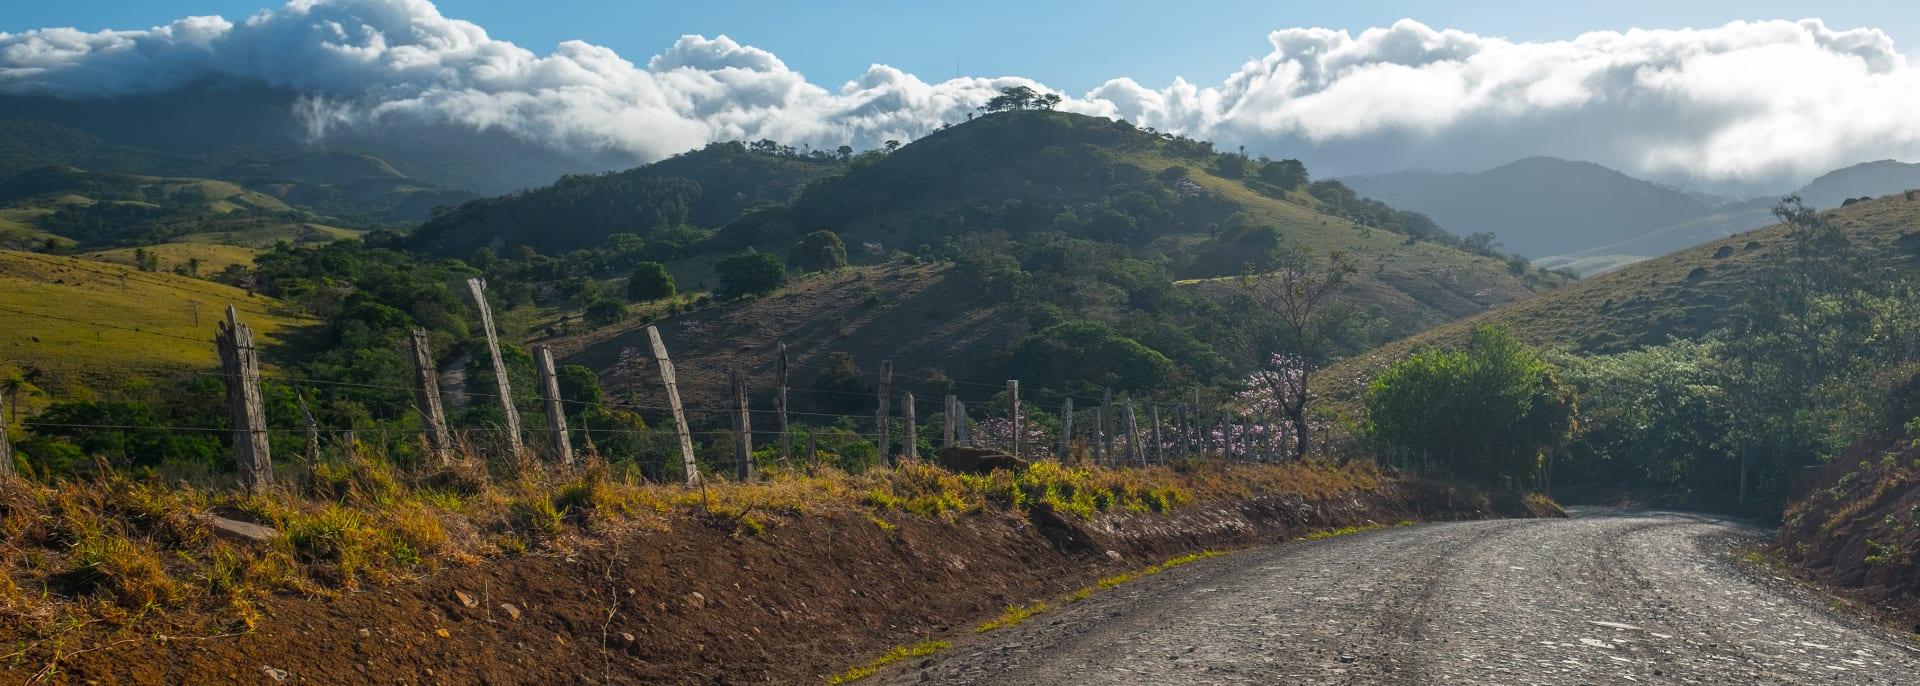 Tenorio, Costa Rica